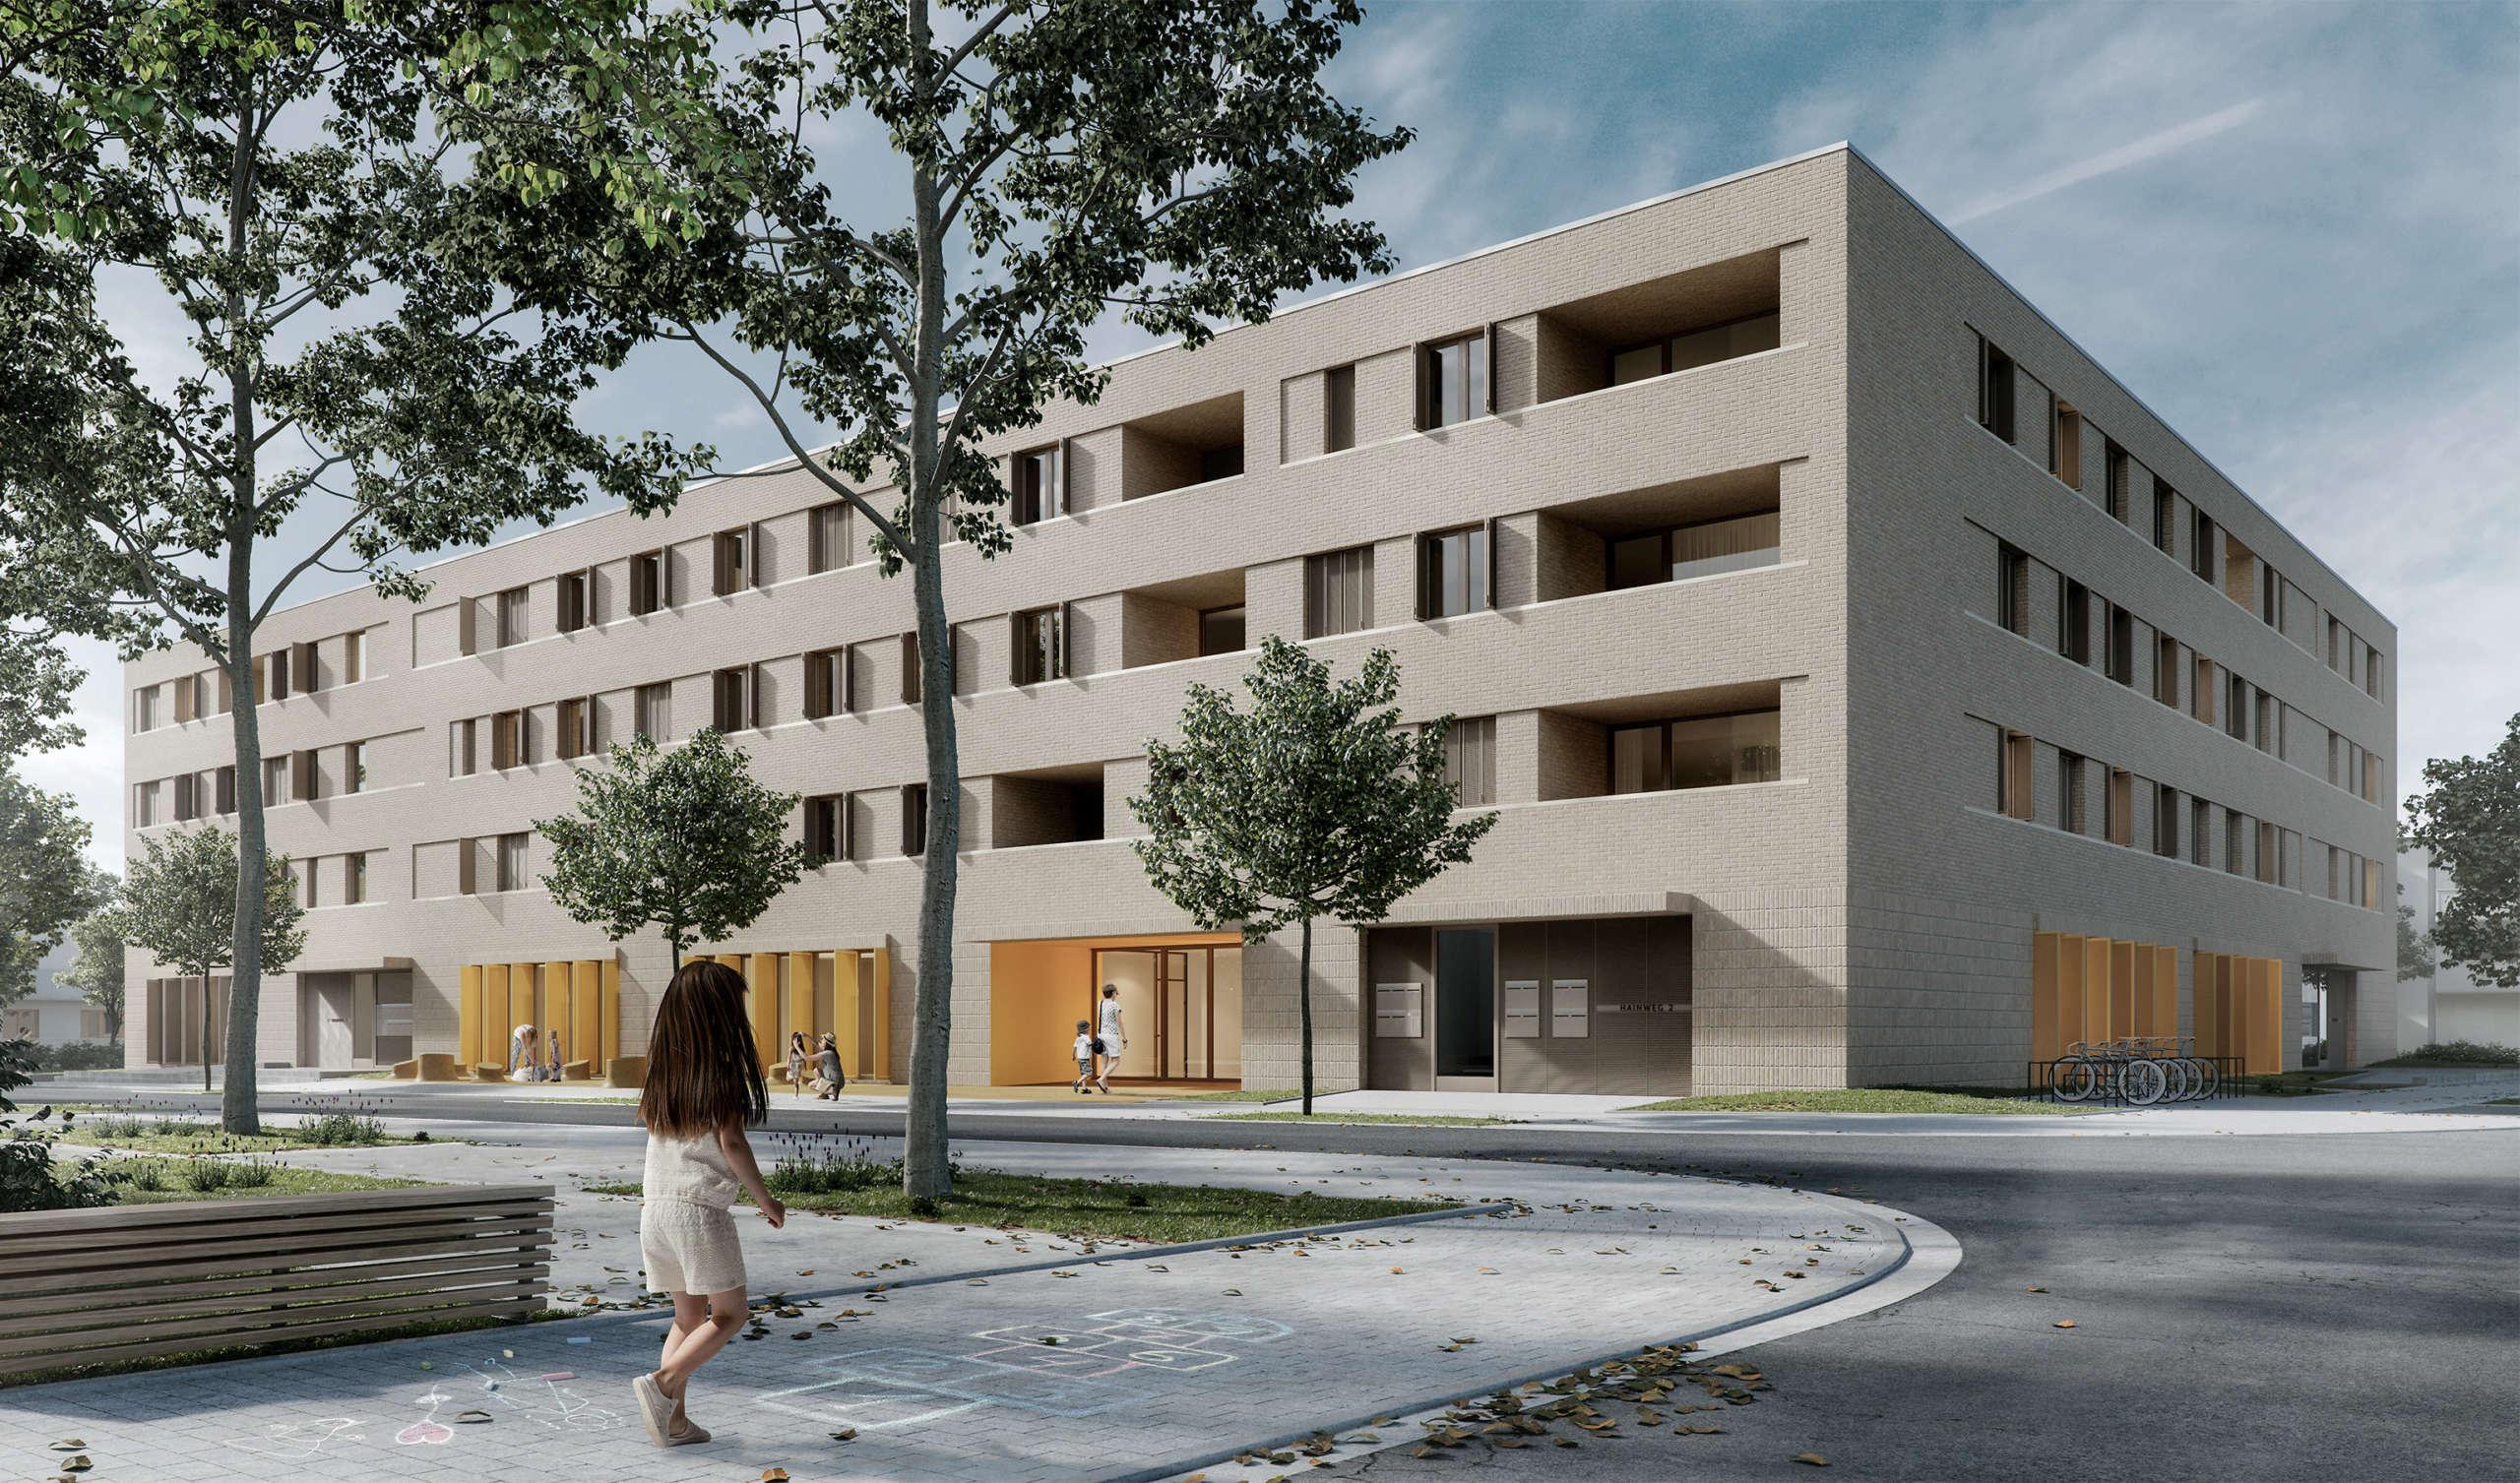 Wohnbau Und Kindertagesstaette Am Hainweg 01